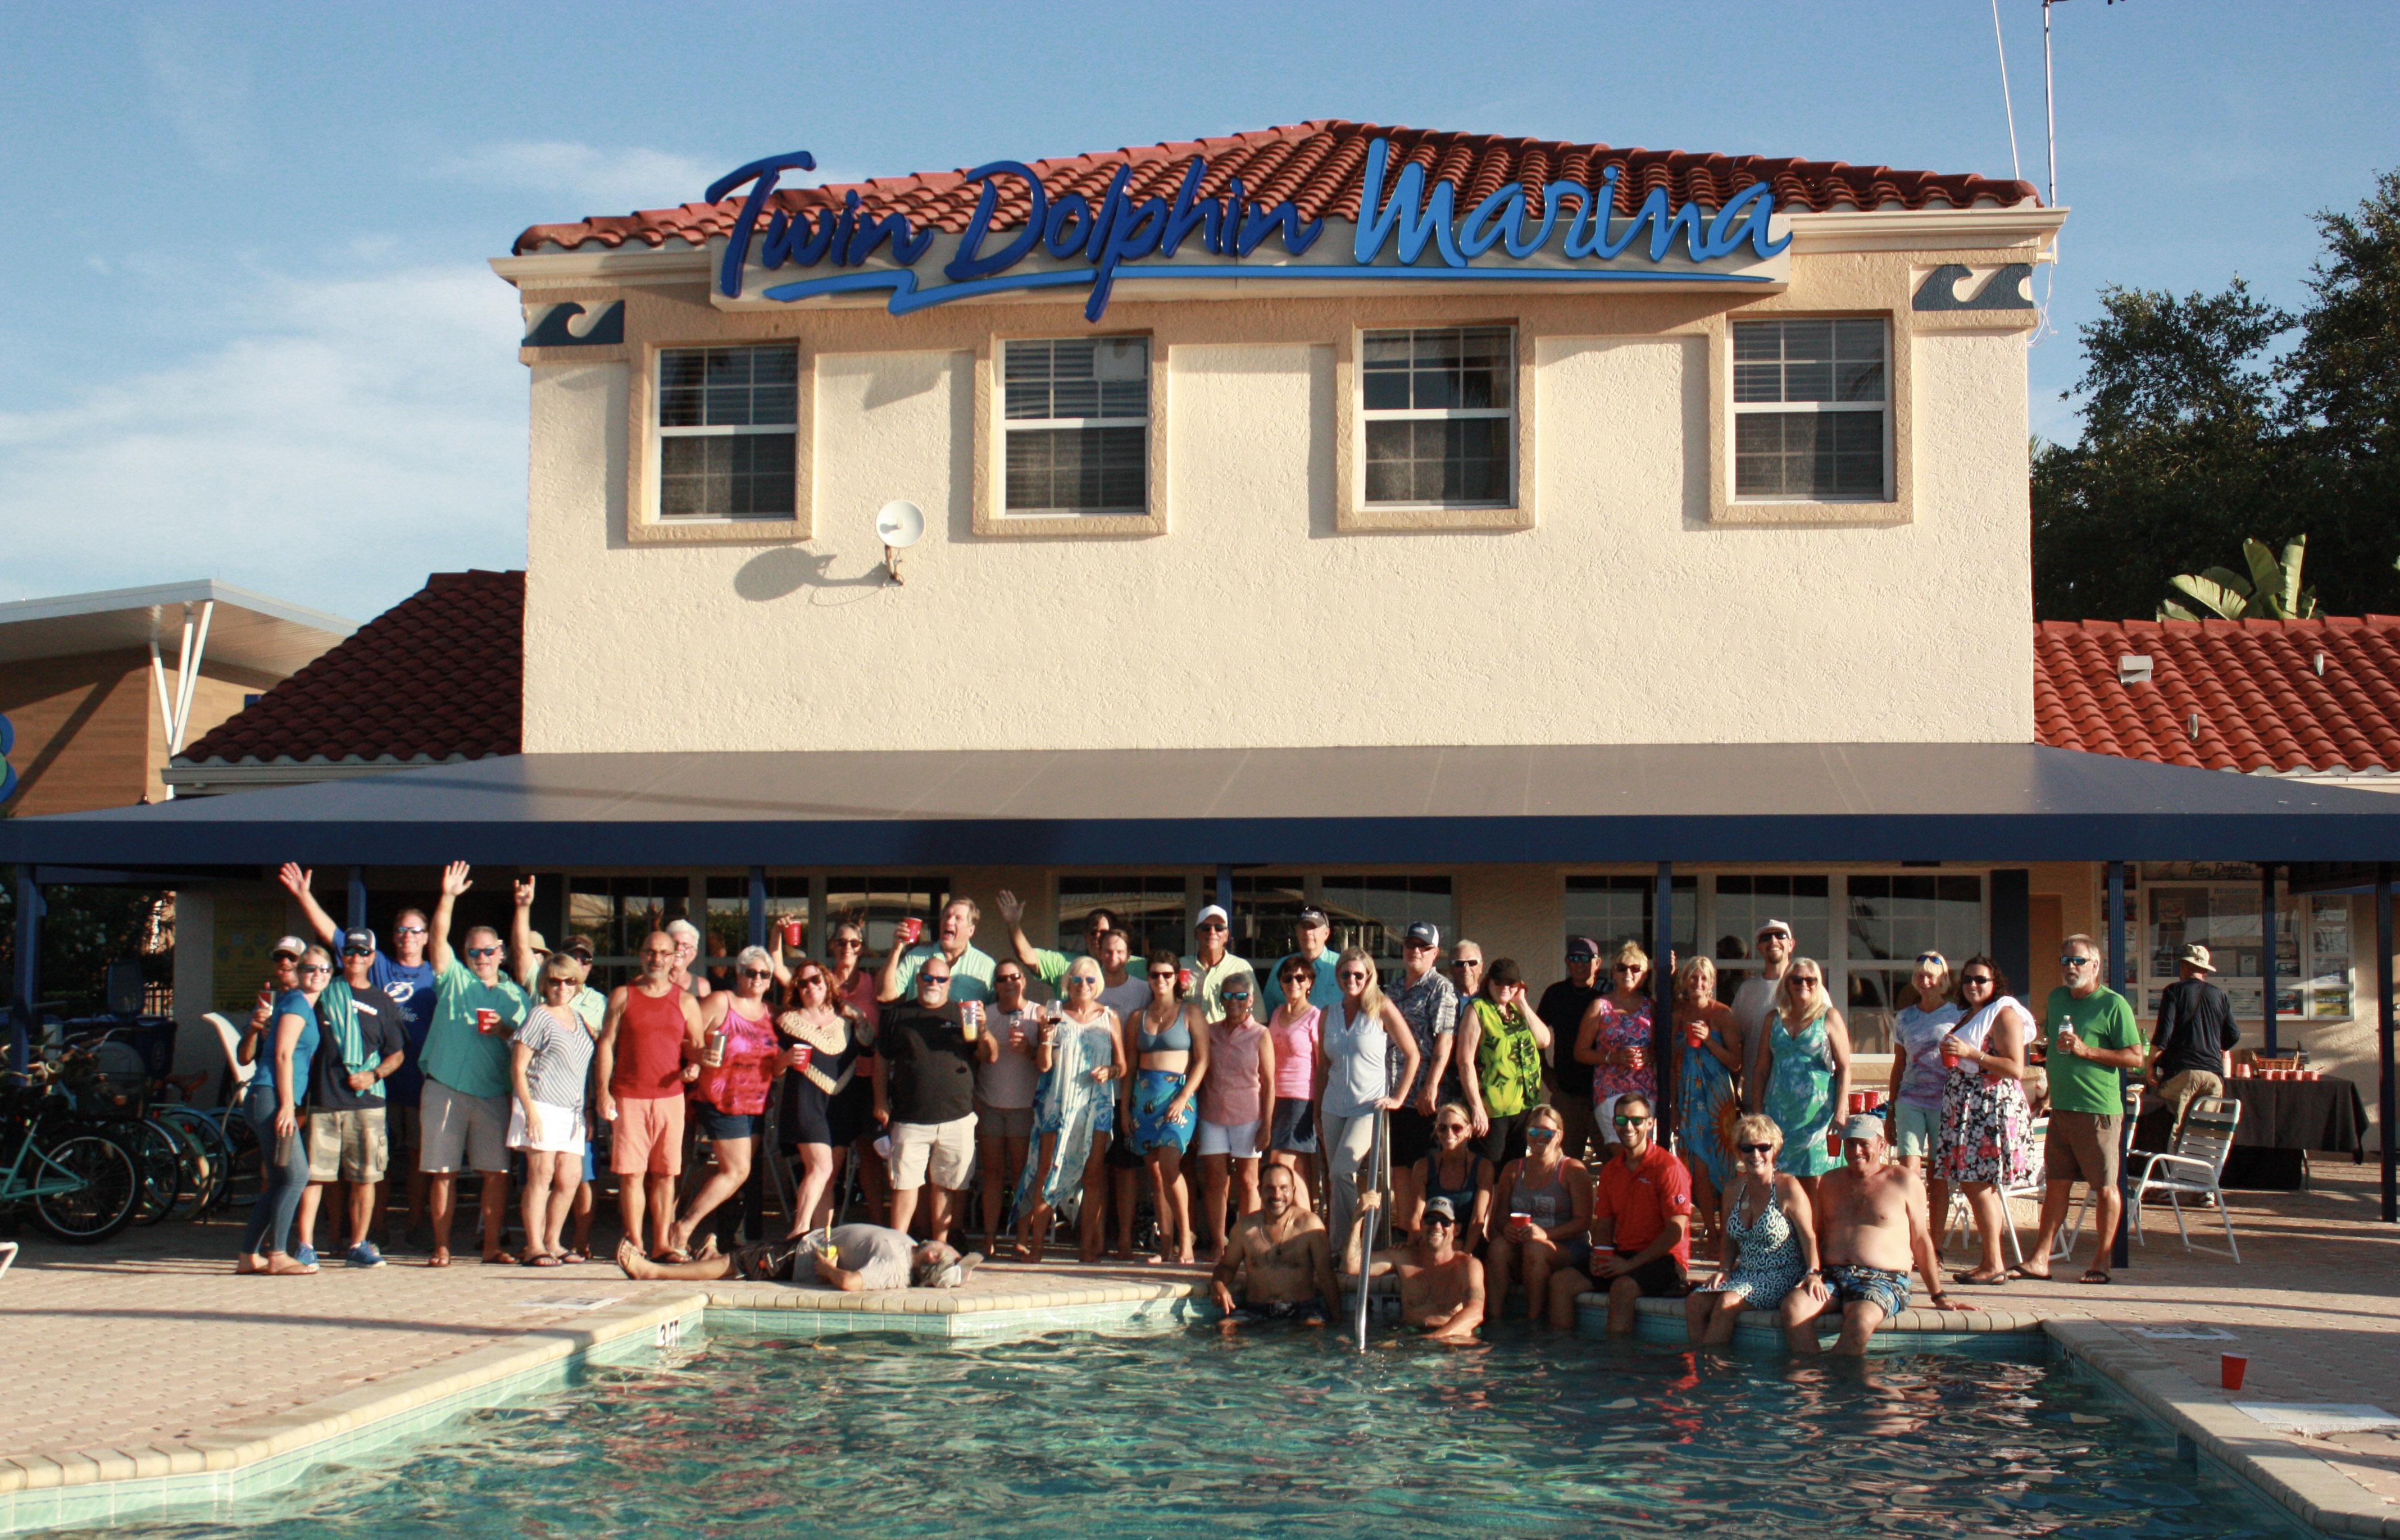 25. Twin Dolphin Marina